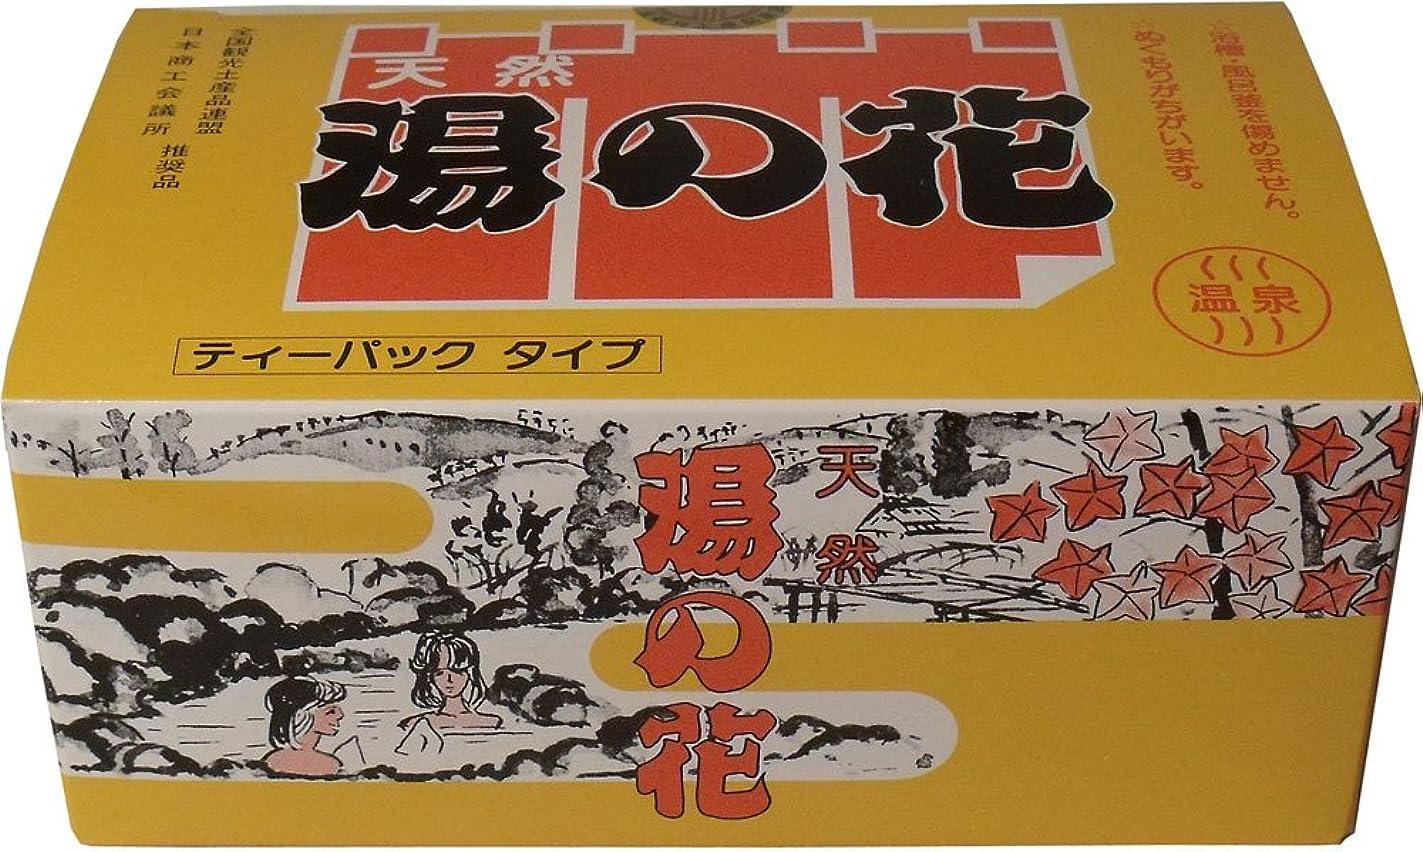 トレーニングユーモア二年生天然湯の花 徳用箱入 HT20(ティーパックタイプ) 15g×20包入 ×3個セット